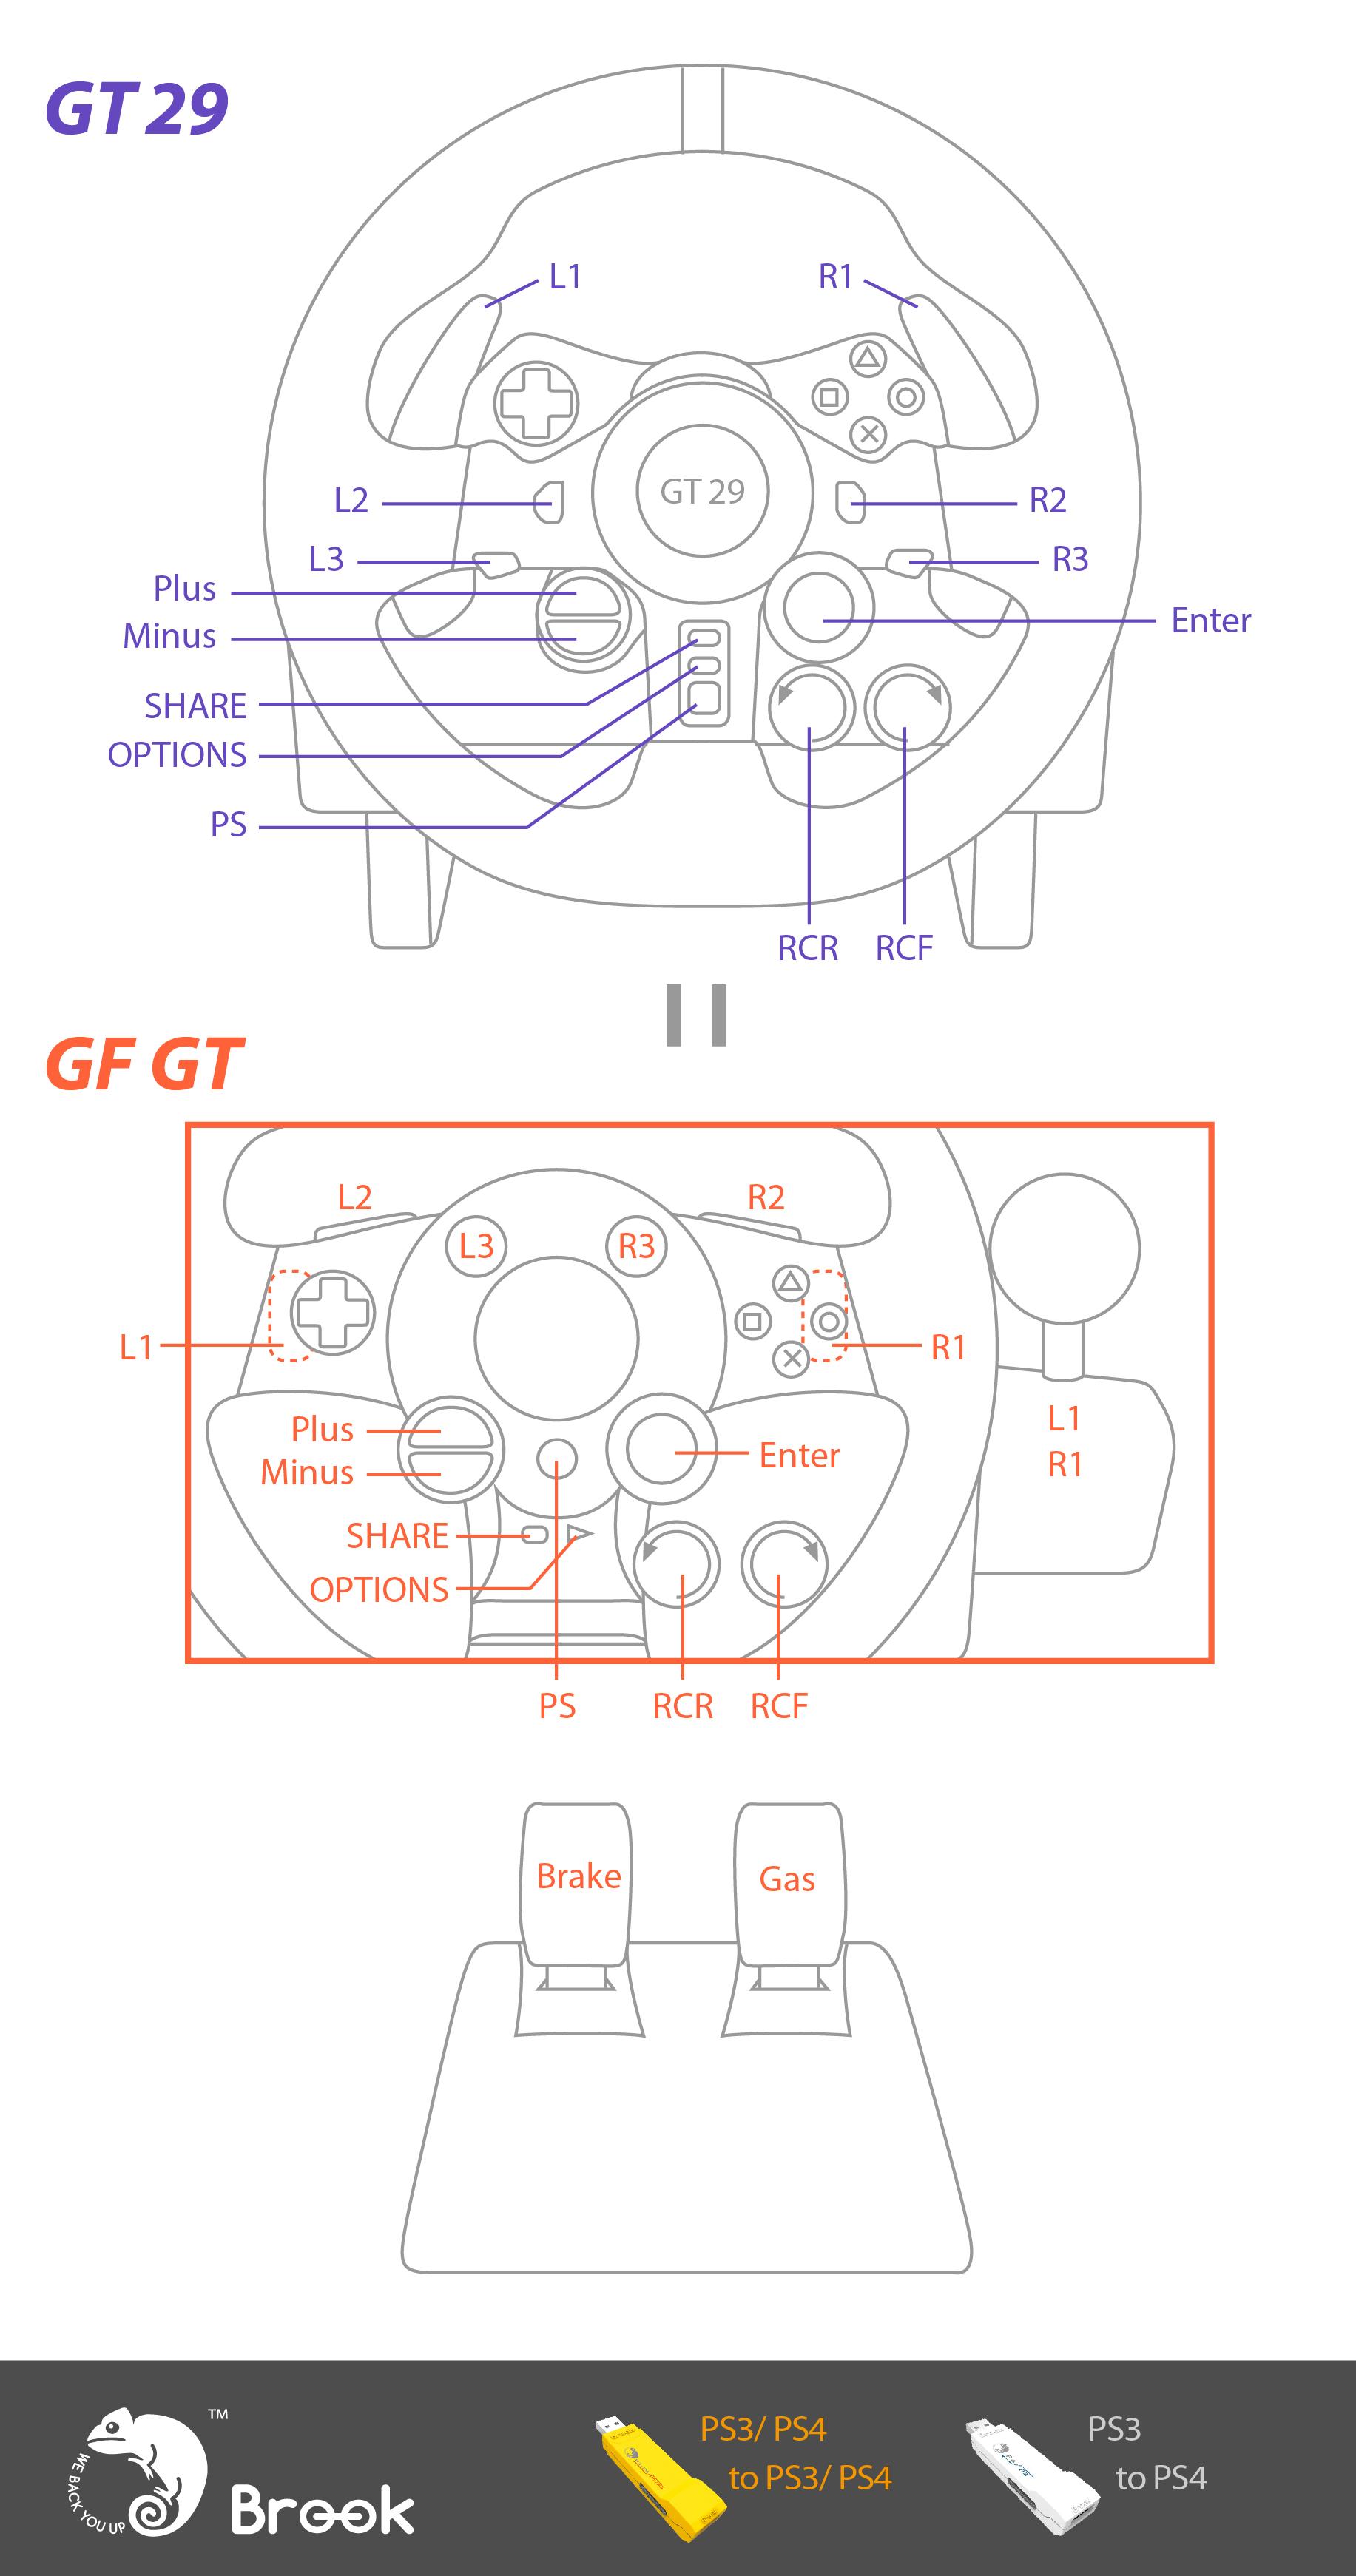 gt29-gf-gt.jpg